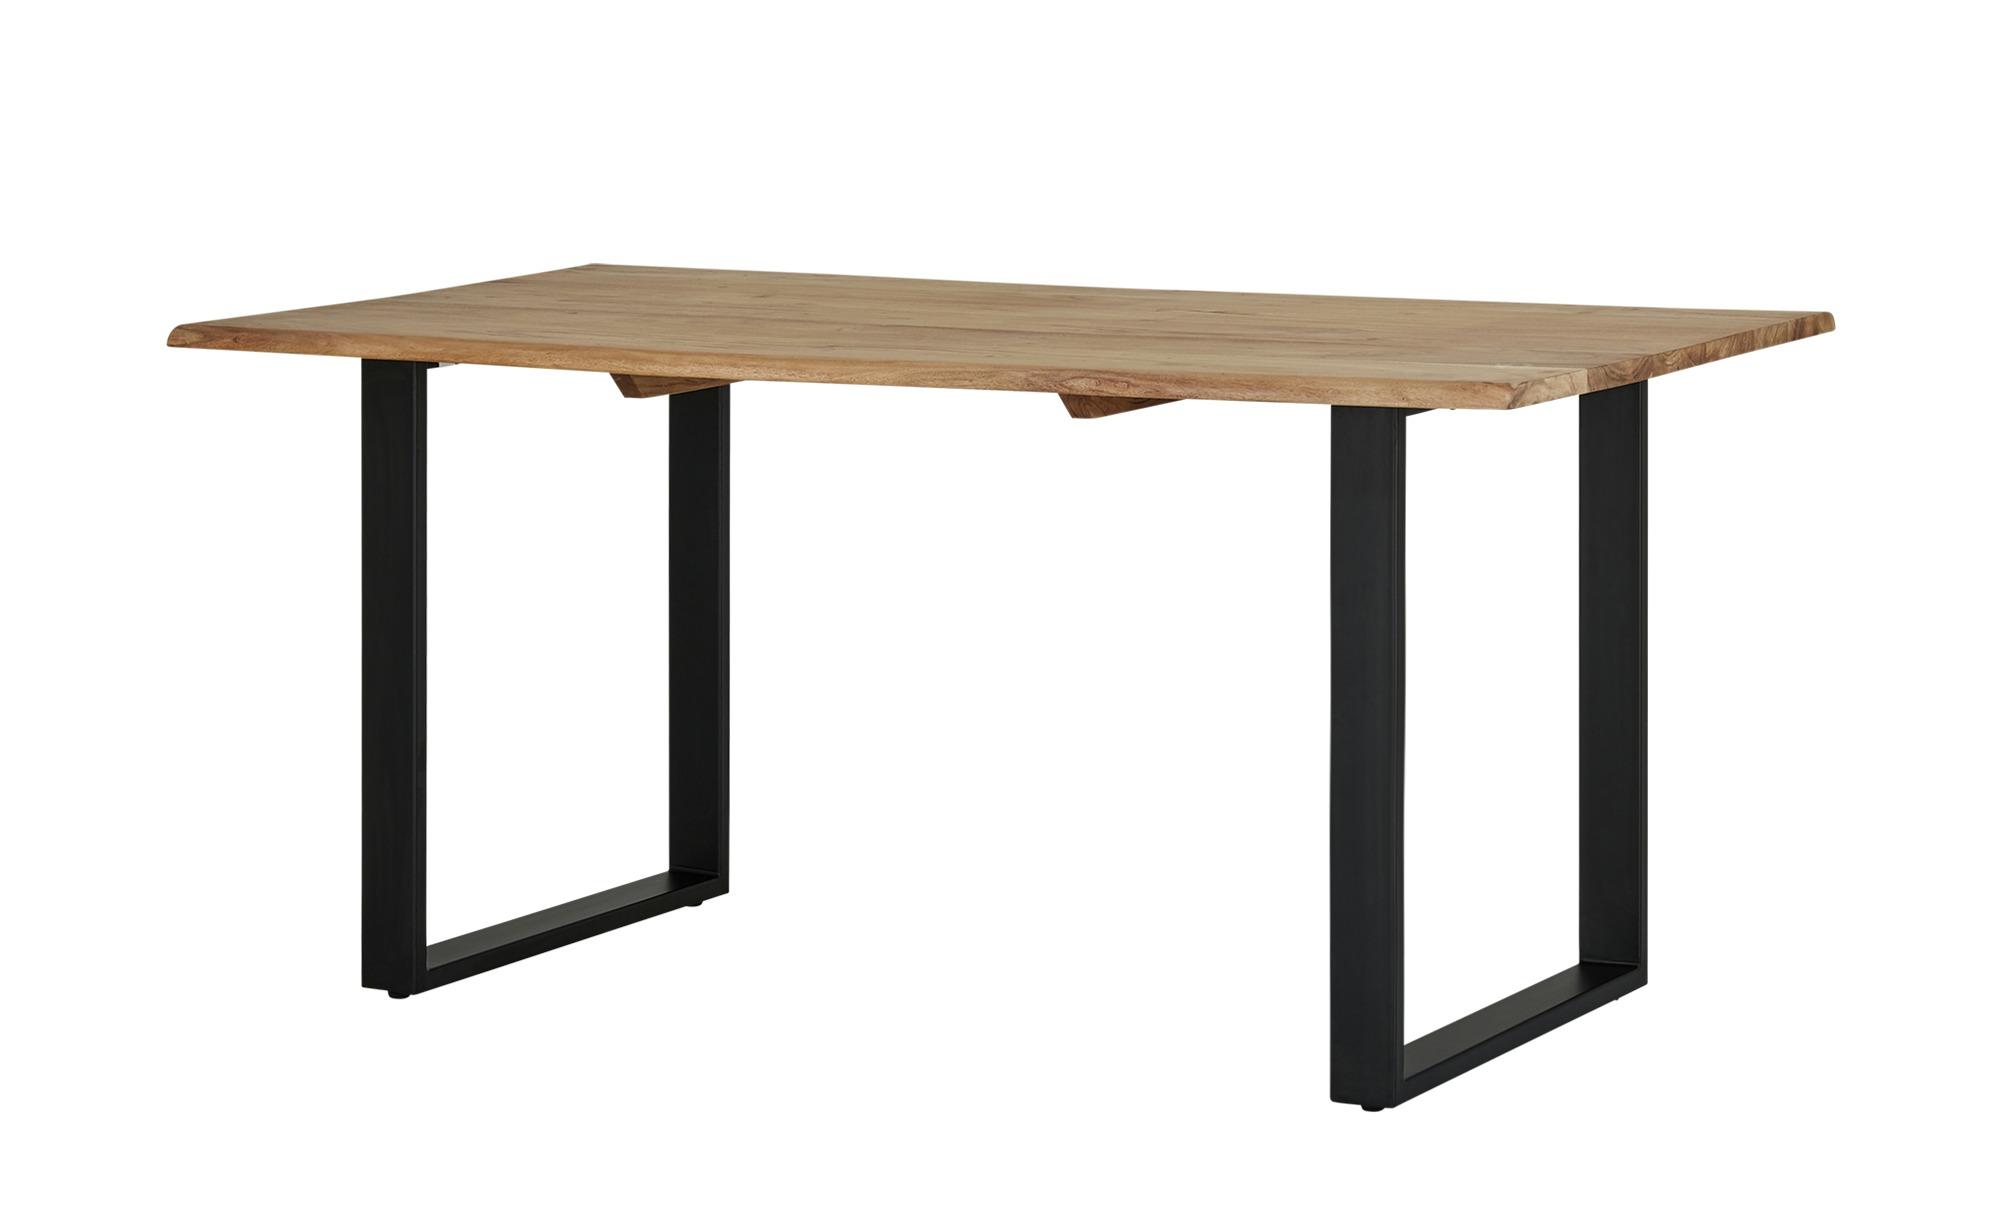 Esstisch  Sala ¦ Maße (cm): B: 90 H: 76 Tische > Esstische > Esstische massiv - Höffner